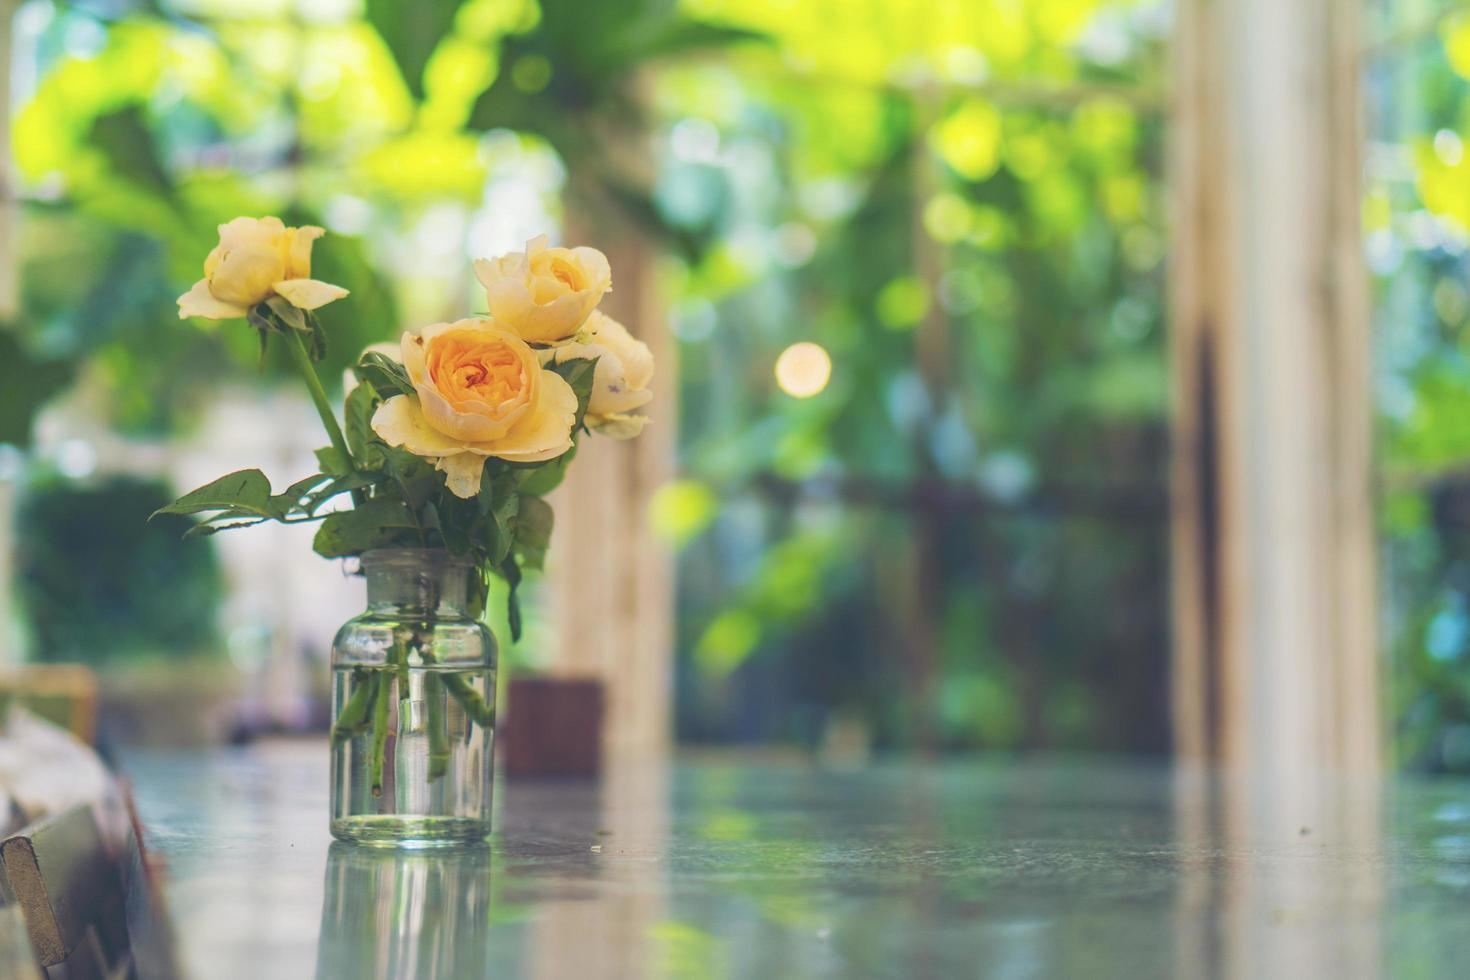 Pfirsichrosen in einer Vase foto